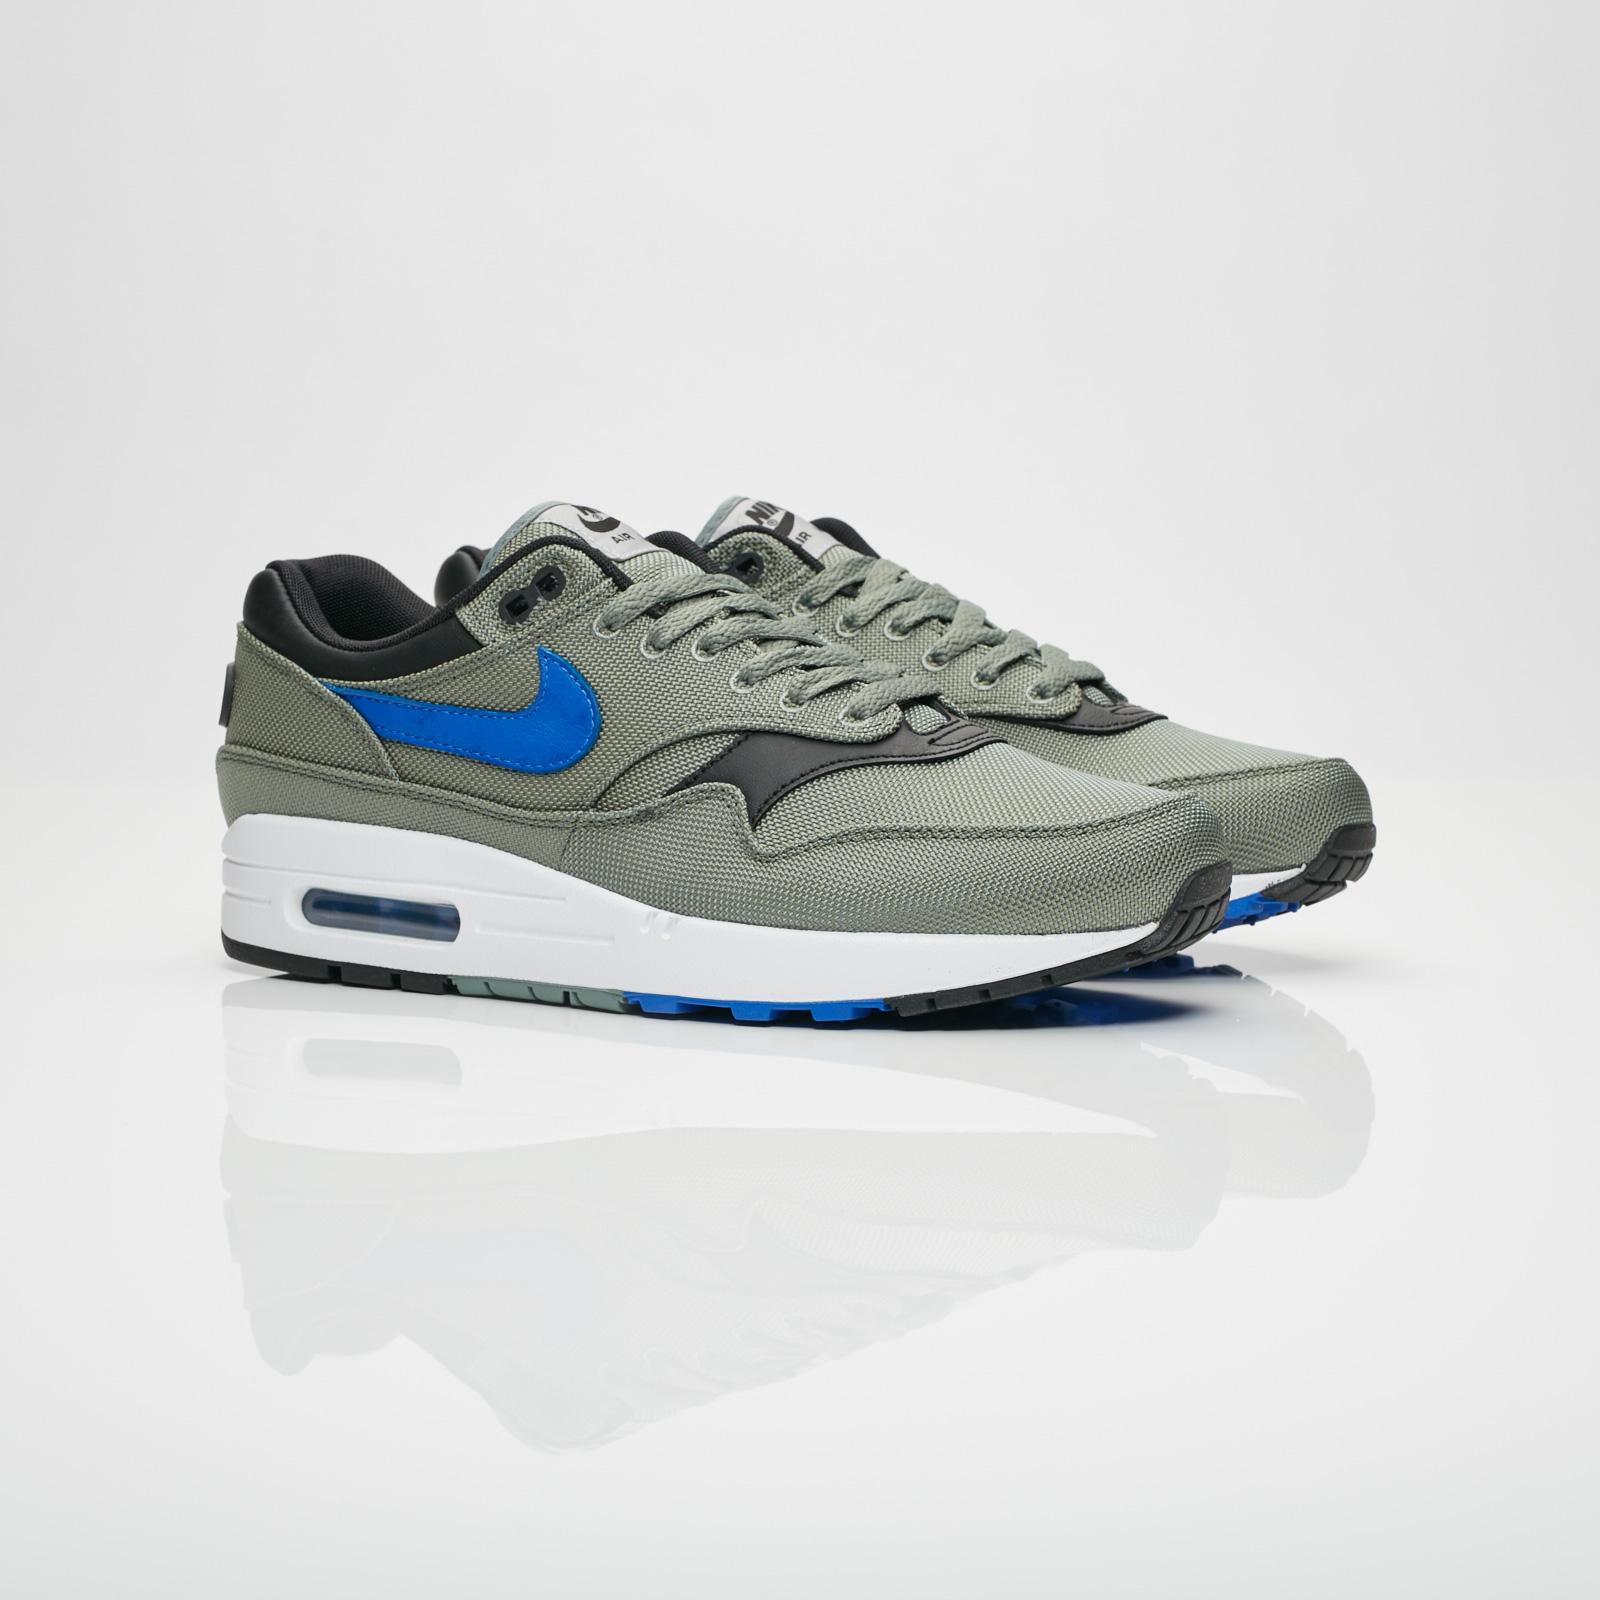 Nike Air Max 1 Premium - 875844-300